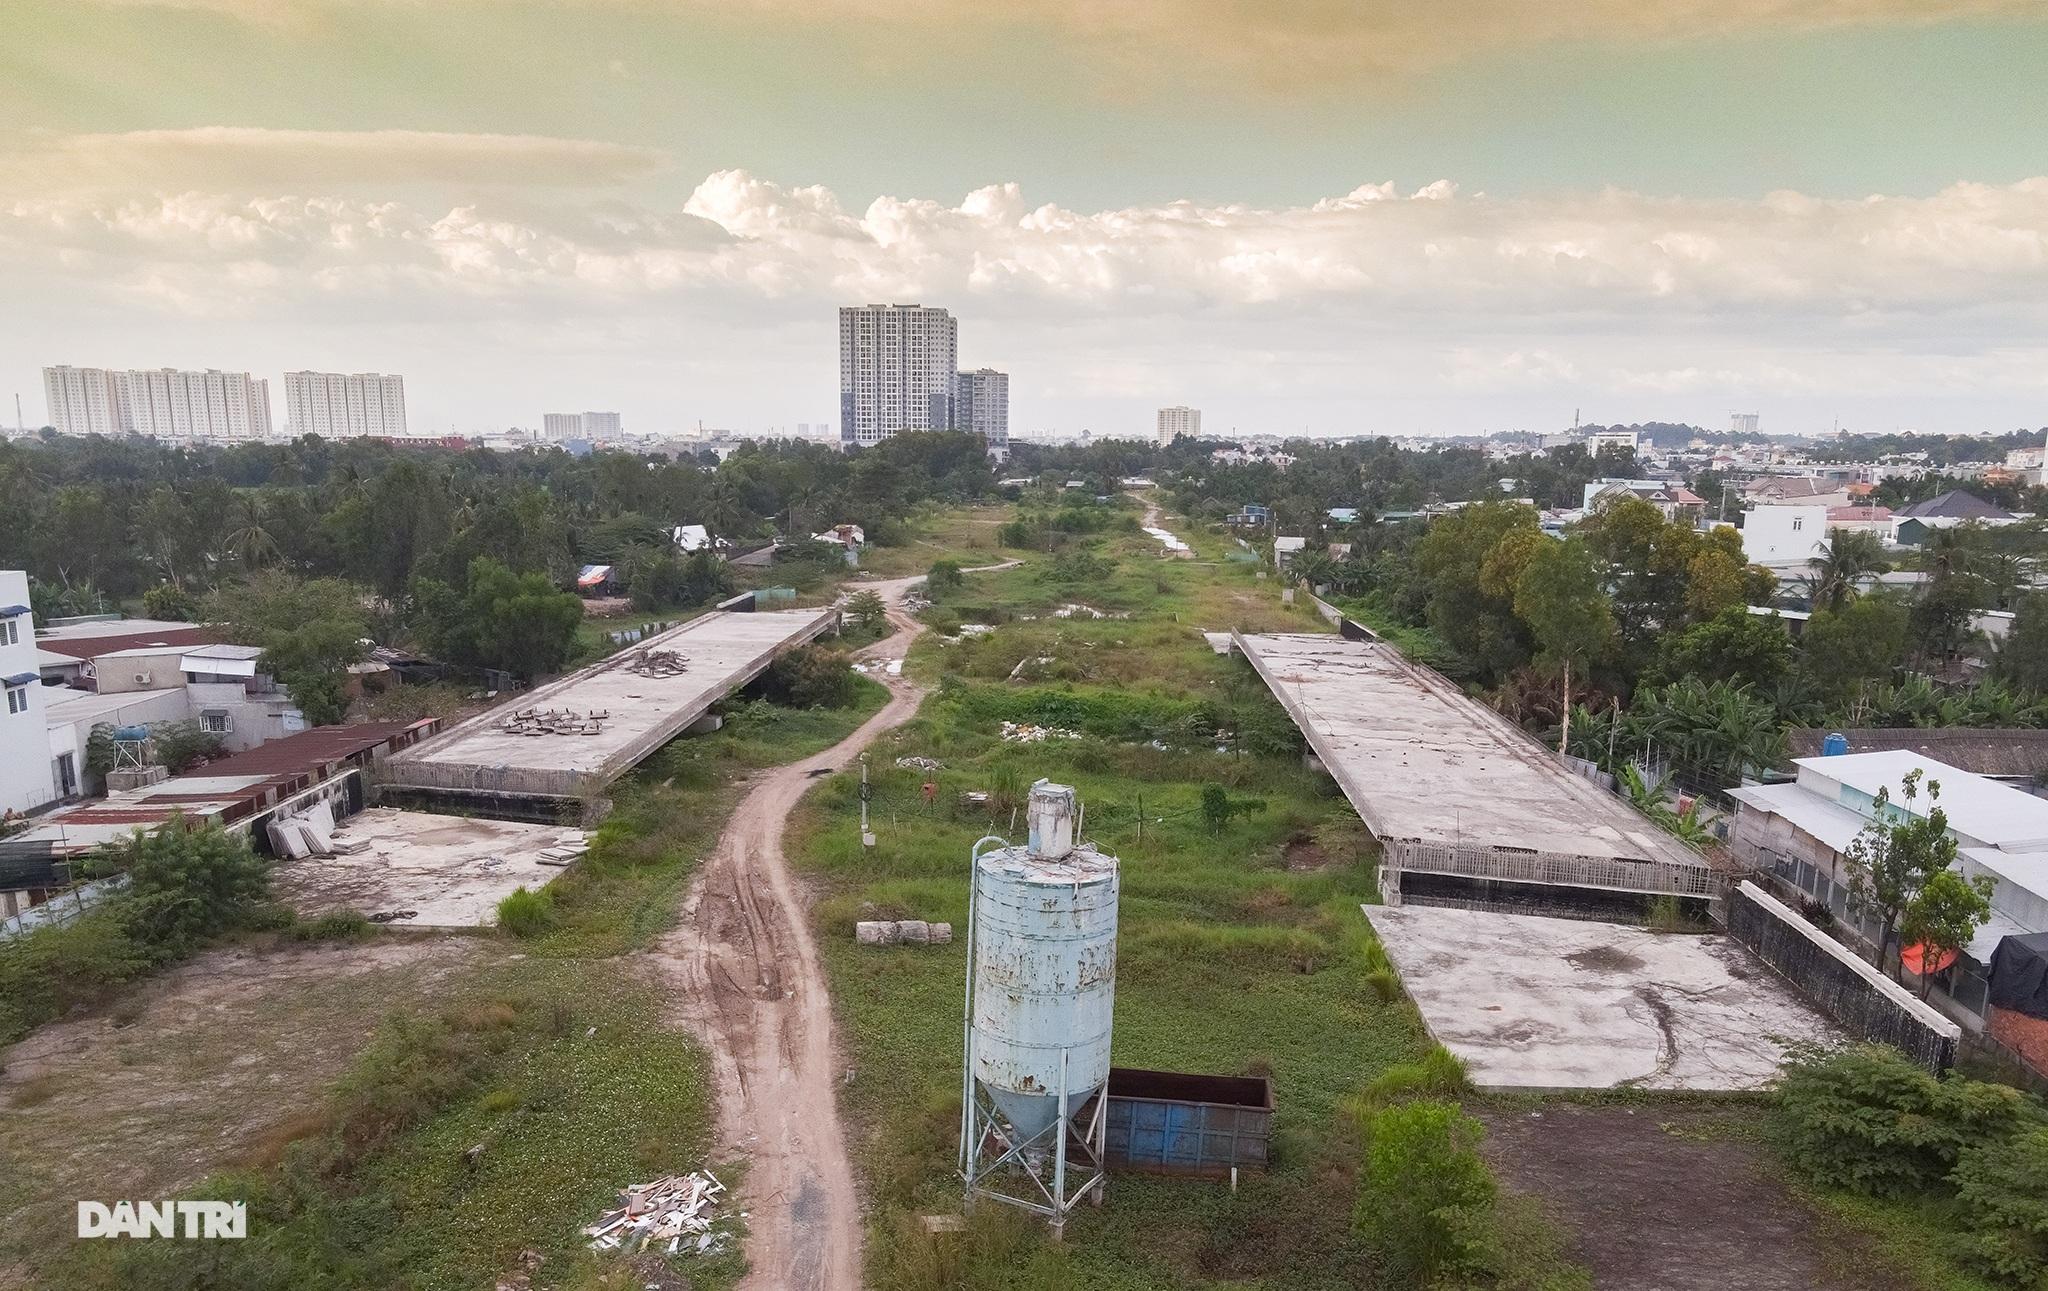 Vành đai 2 TPHCM: Sau 5 năm động thổ không xây xong 3km đường - 7